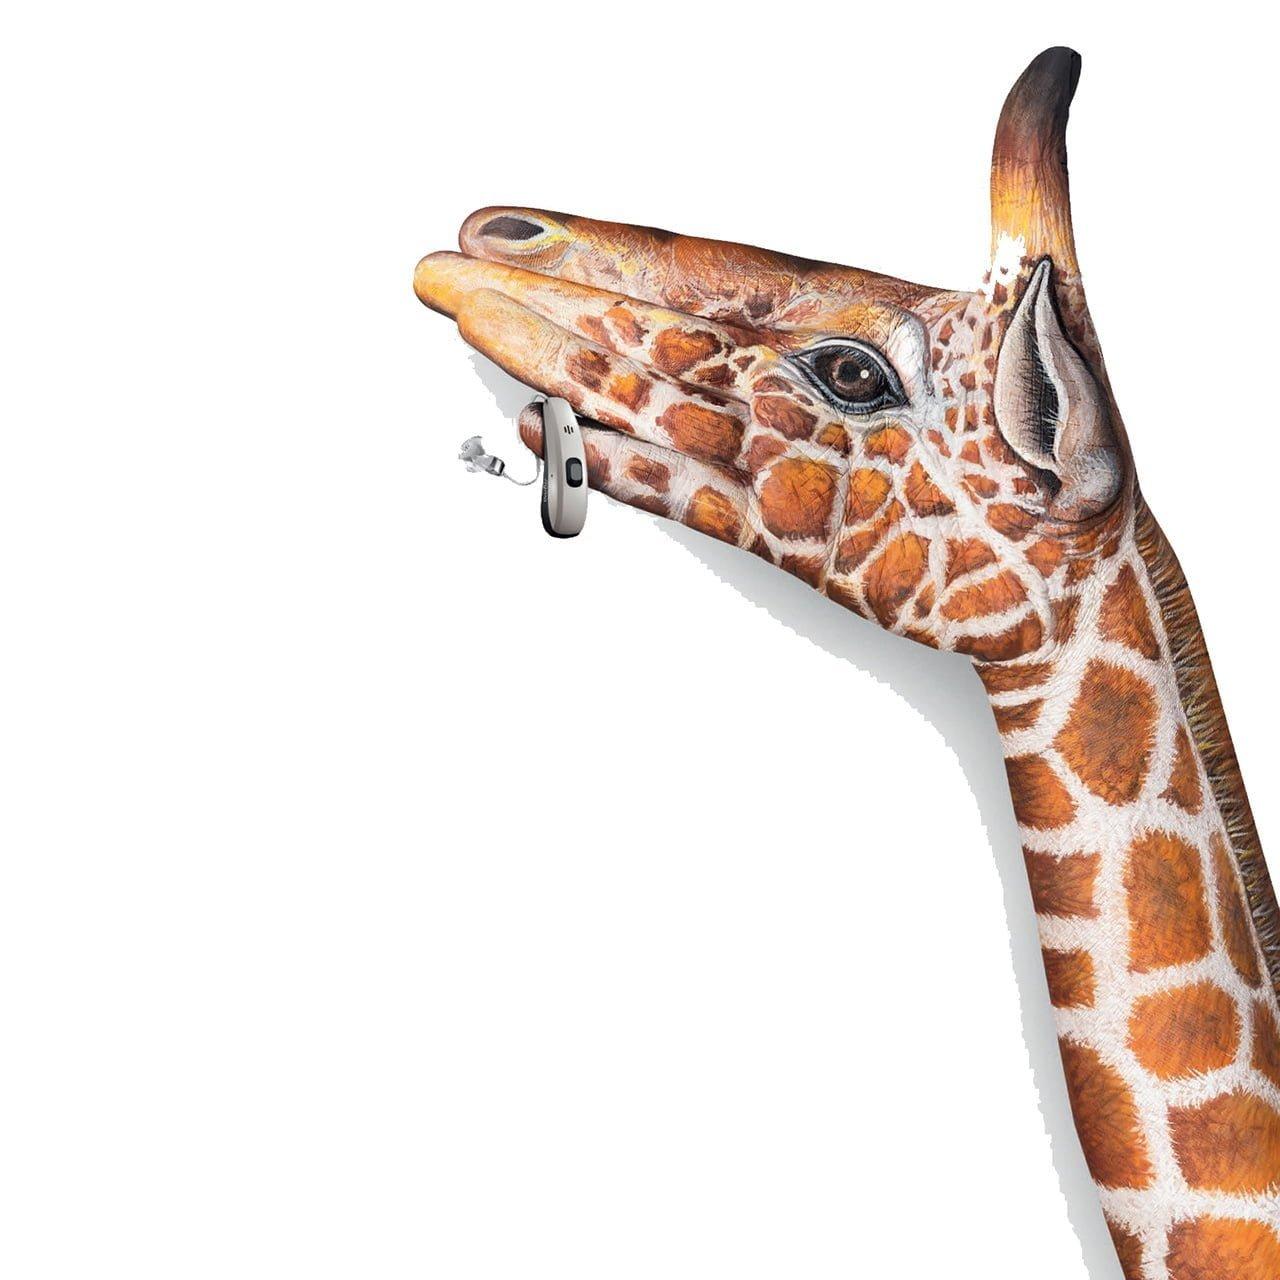 A close up of a giraffe